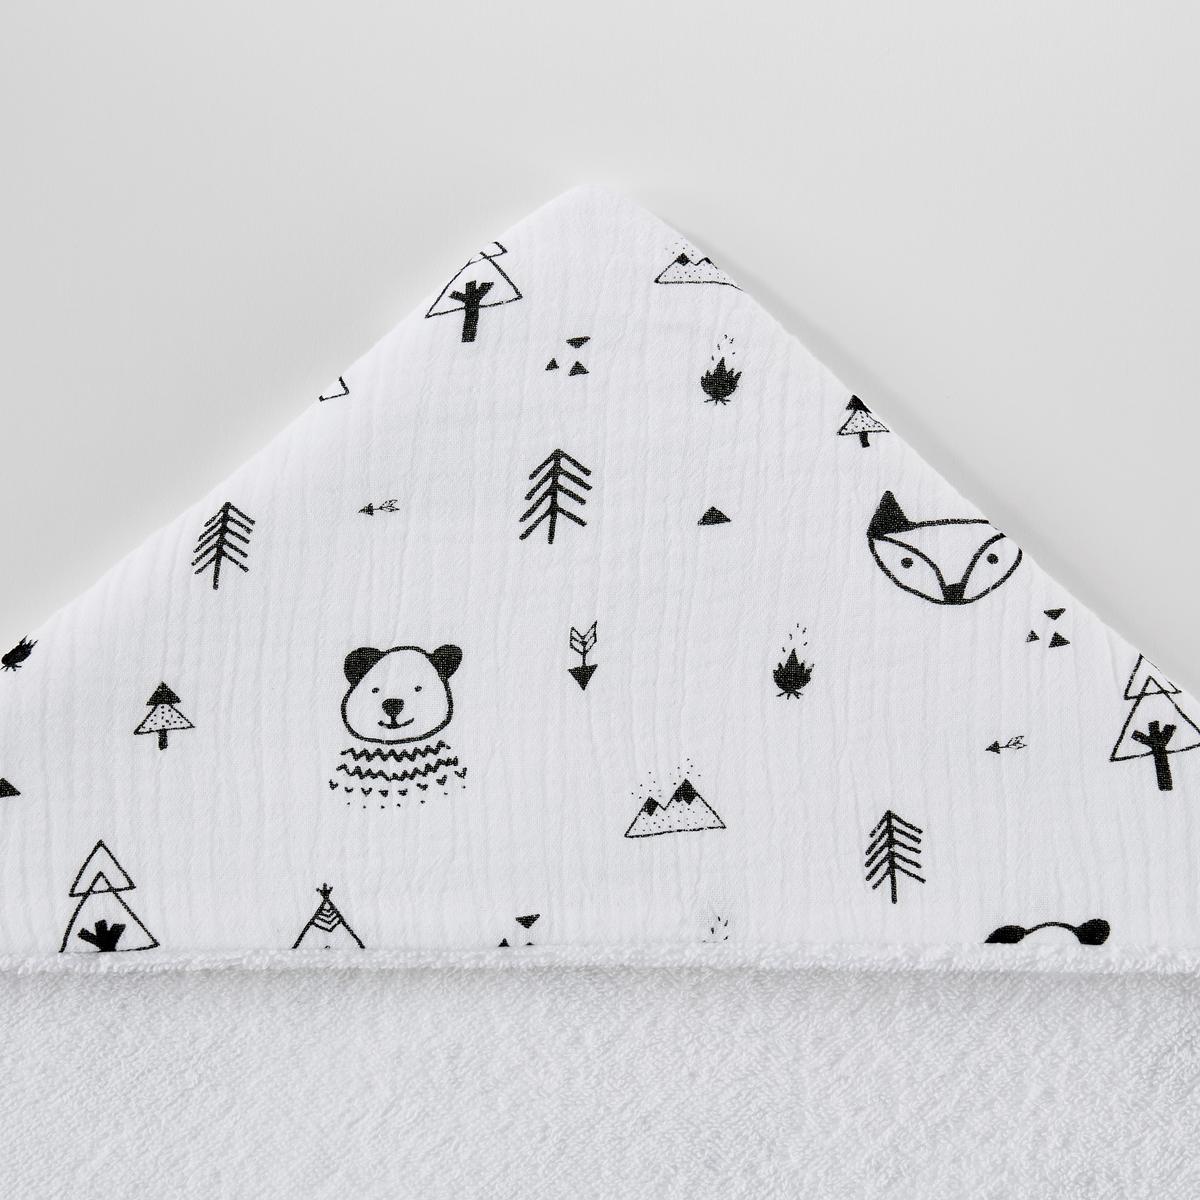 Накидка La Redoute Для ванной детская из хлопчатобумажной газовой ткани Forest camp 70 x 70 см белый хлопок эпохи purcotton детей клип хлопчатобумажной ткани является хорошим другом 120x150cm мешок